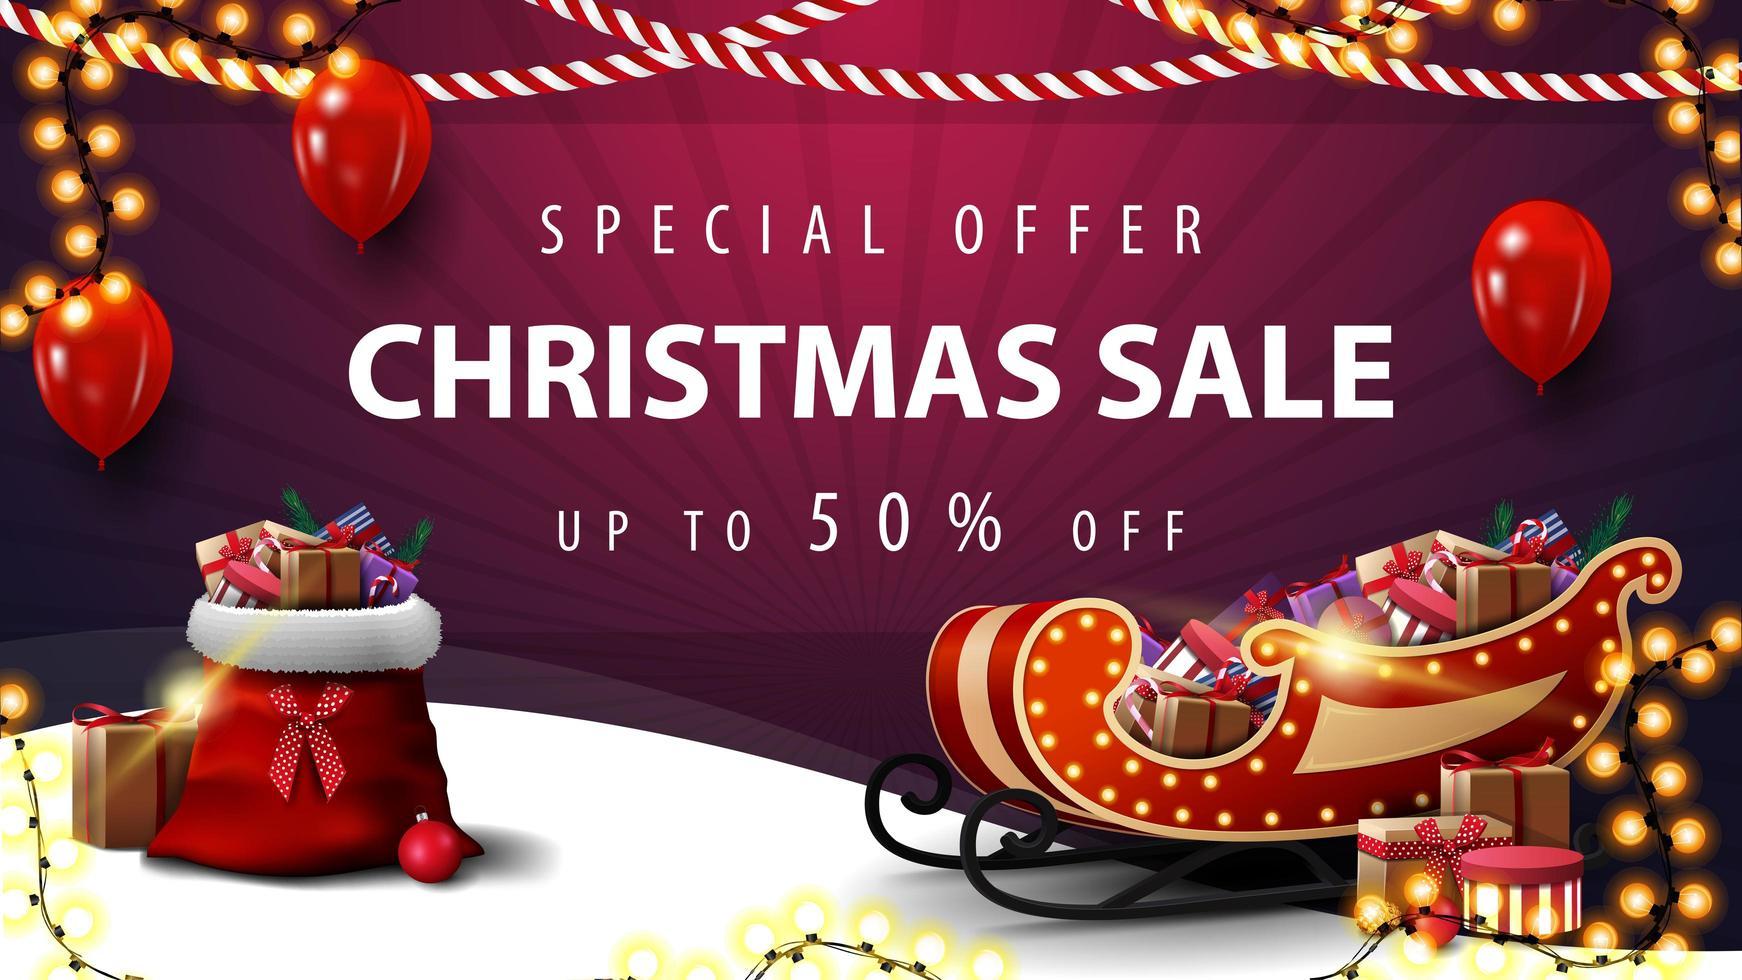 oferta especial, rebajas de navidad, hasta 50 de descuento, banner de descuento morado con guirnalda, globos rojos, bolsa de santa claus y trineo de santa con regalos vector